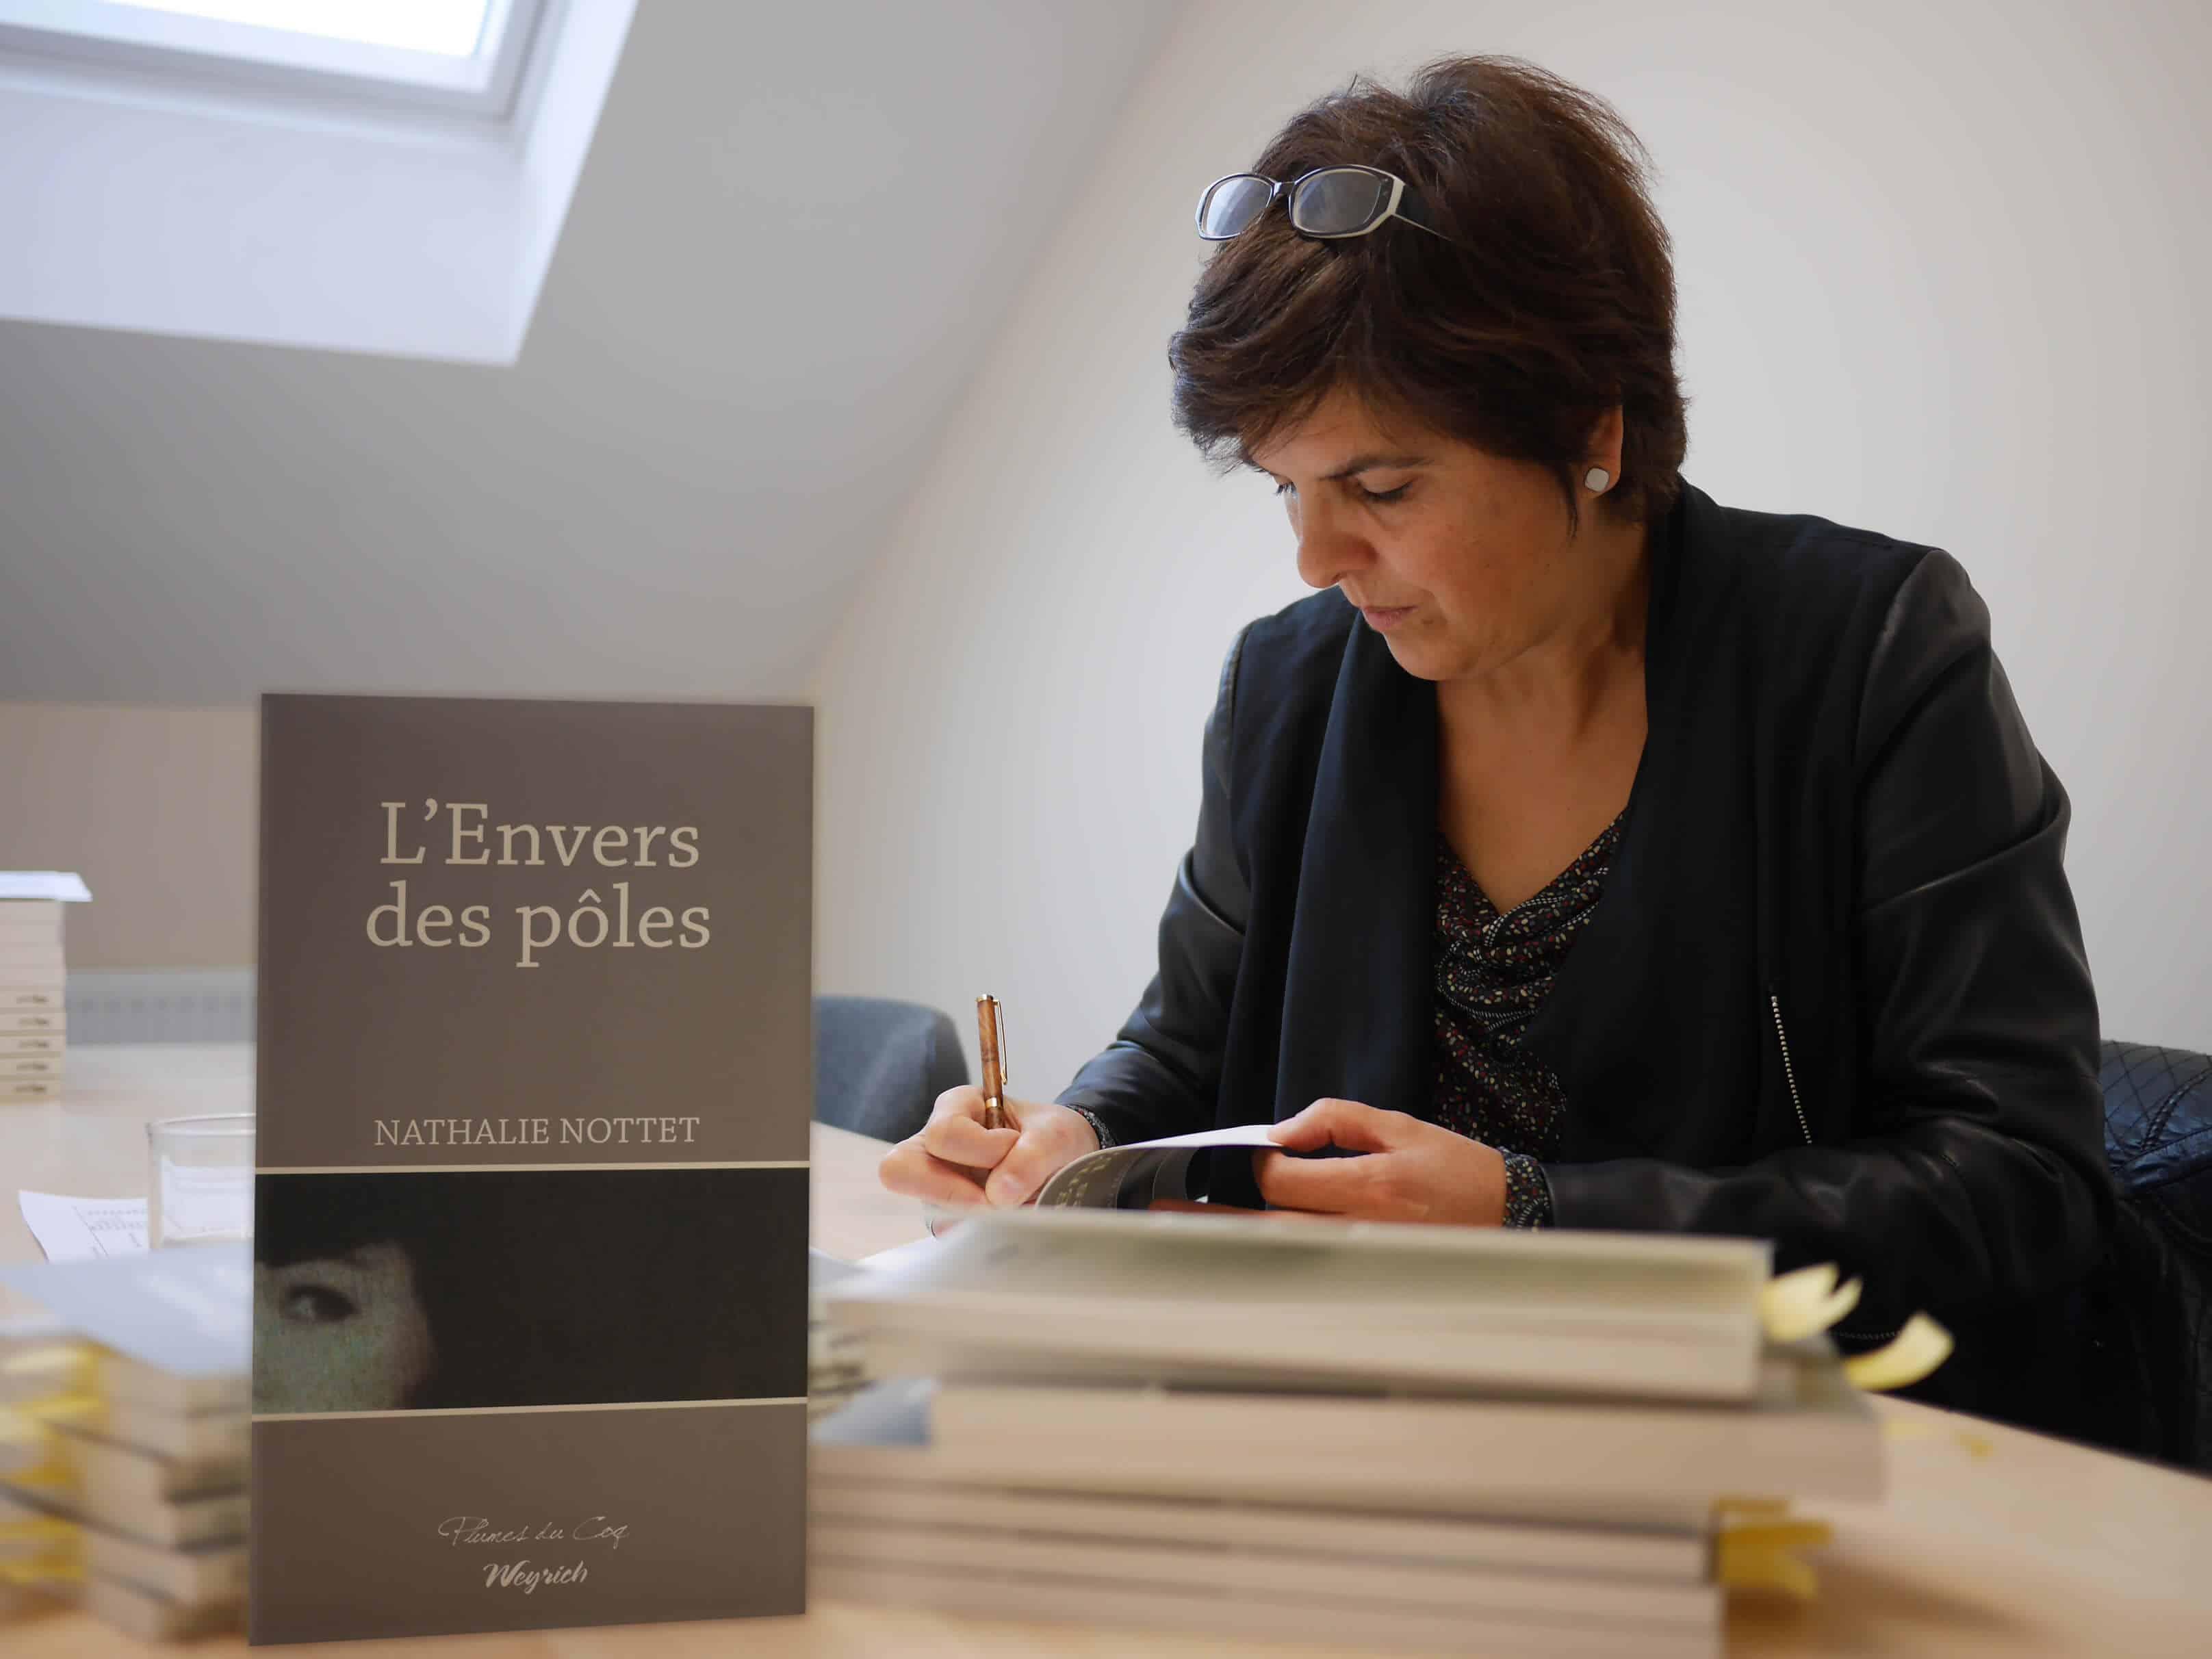 L'Envers des pôles, premier roman de Nathalie Nottet